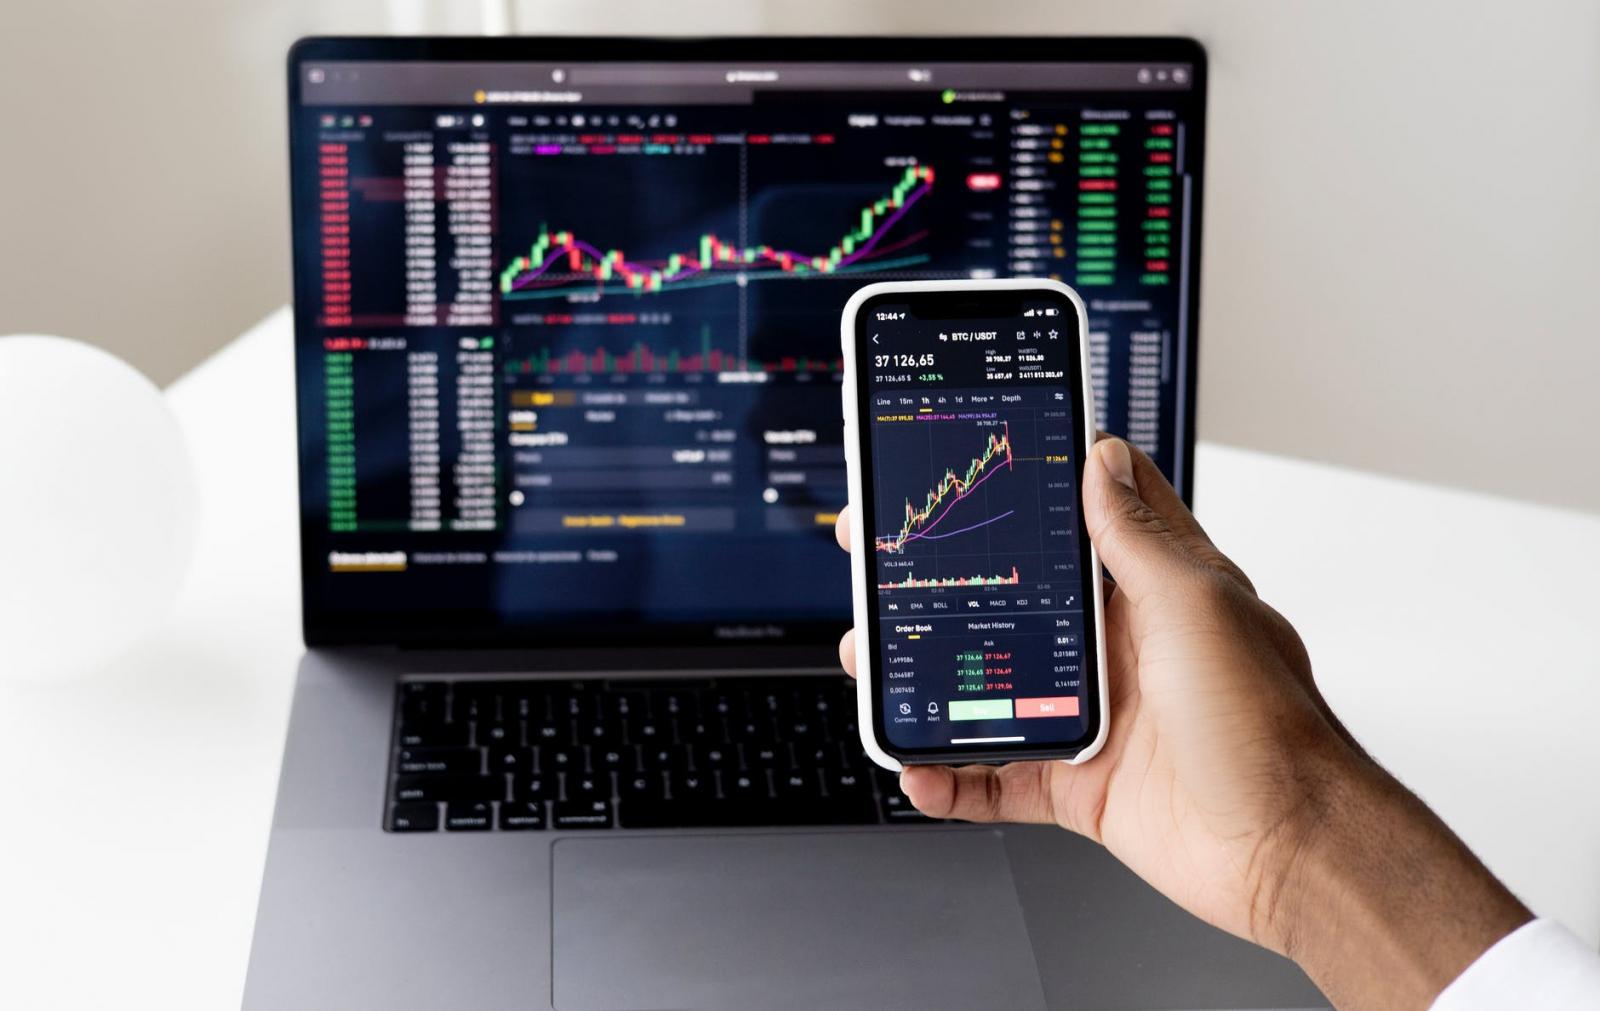 【理財專知】什麼是KD指標?快速判斷股票買賣時機就靠它